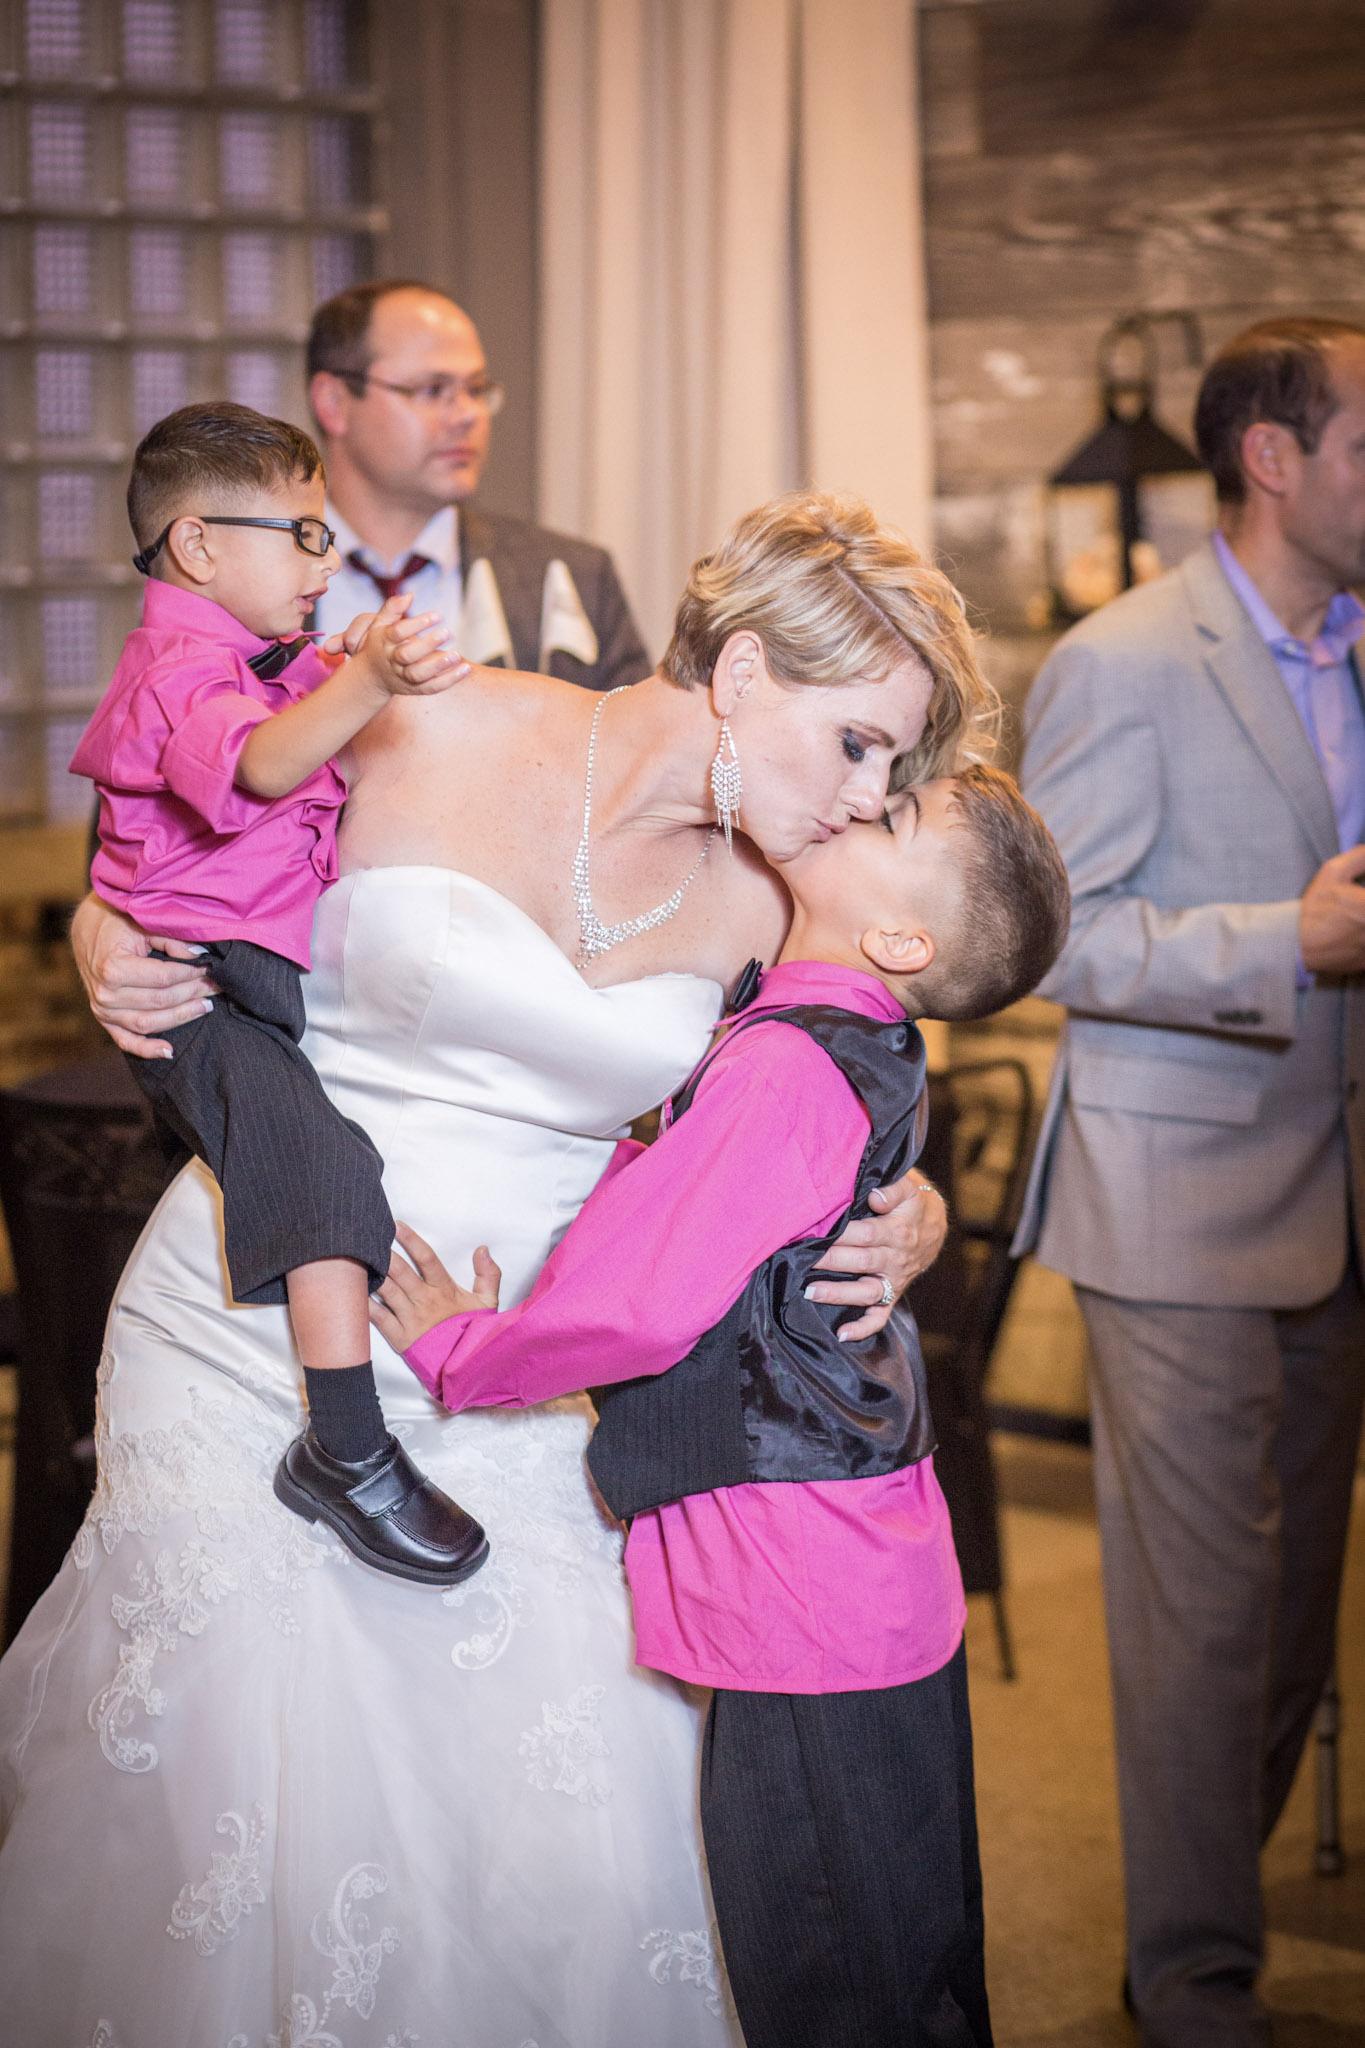 Kansas+City-Small+Wedding-Elope_Intimate_Ceremony_Melanie+David-28.jpg